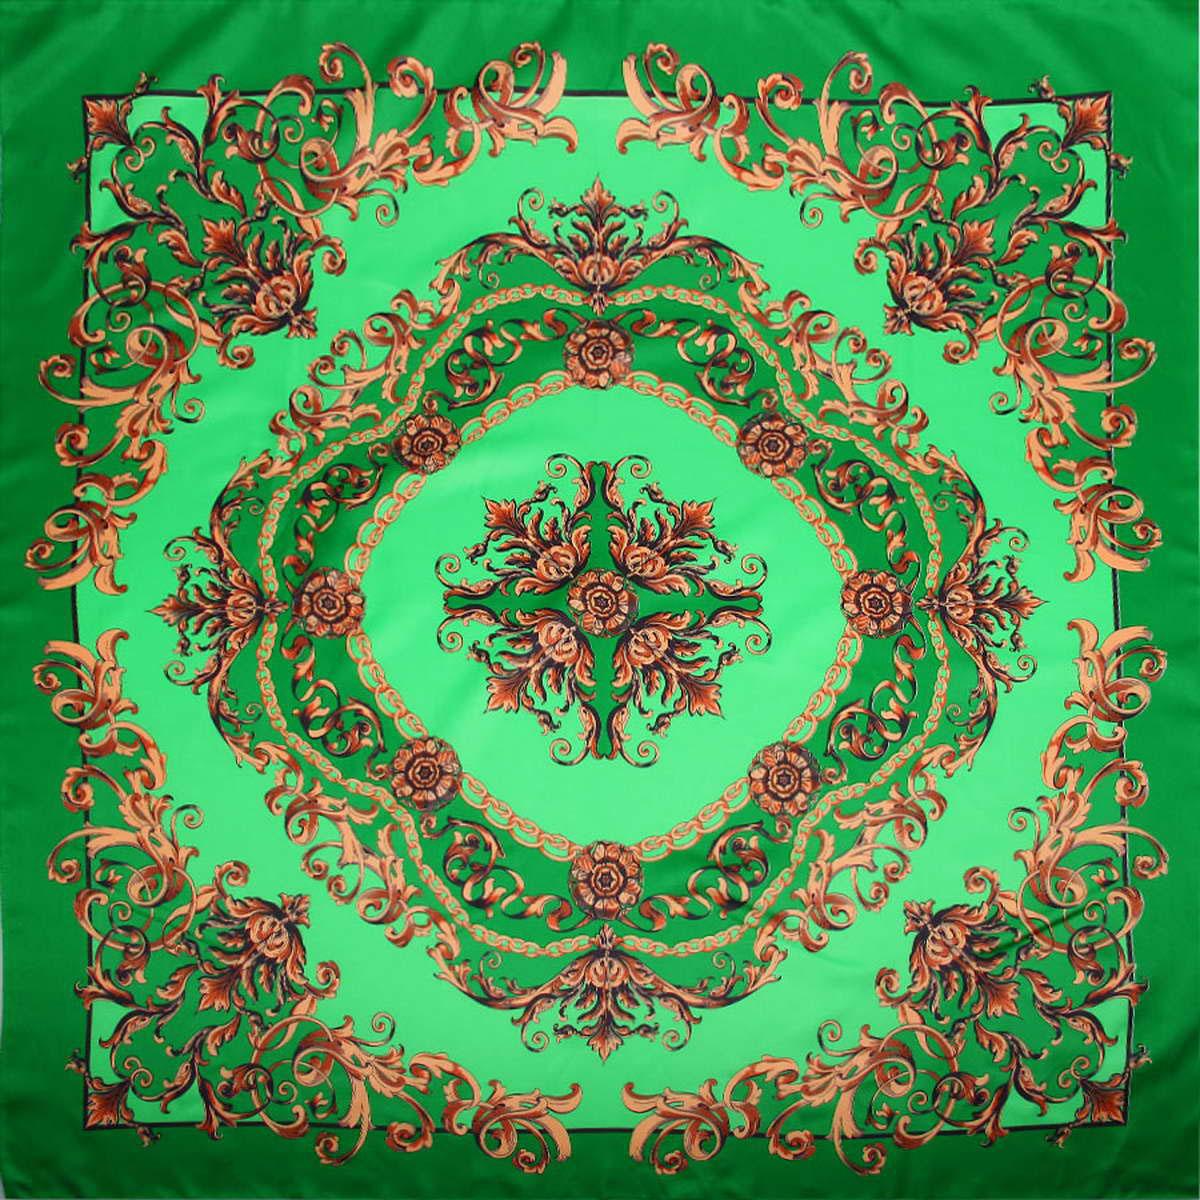 Платок женский. 39044723904472-1Стильный женский платок Venera изготовлен из качественного и легкого полиэстера, будет самым универсальным вариантом для повседневного аксессуара. Великолепный насыщенный цвет и оригинальный принт, напоминающий узор аристократичного стиля, будут придавать любому вашему наряду изысканности, подчеркивать женственность и стильность. Классическая квадратная форма позволяет носить платок на шее, украшать им прическу или декорировать сумочку. Такой платок превосходно дополнит любой наряд и подчеркнет ваш неповторимый вкус и элегантность.